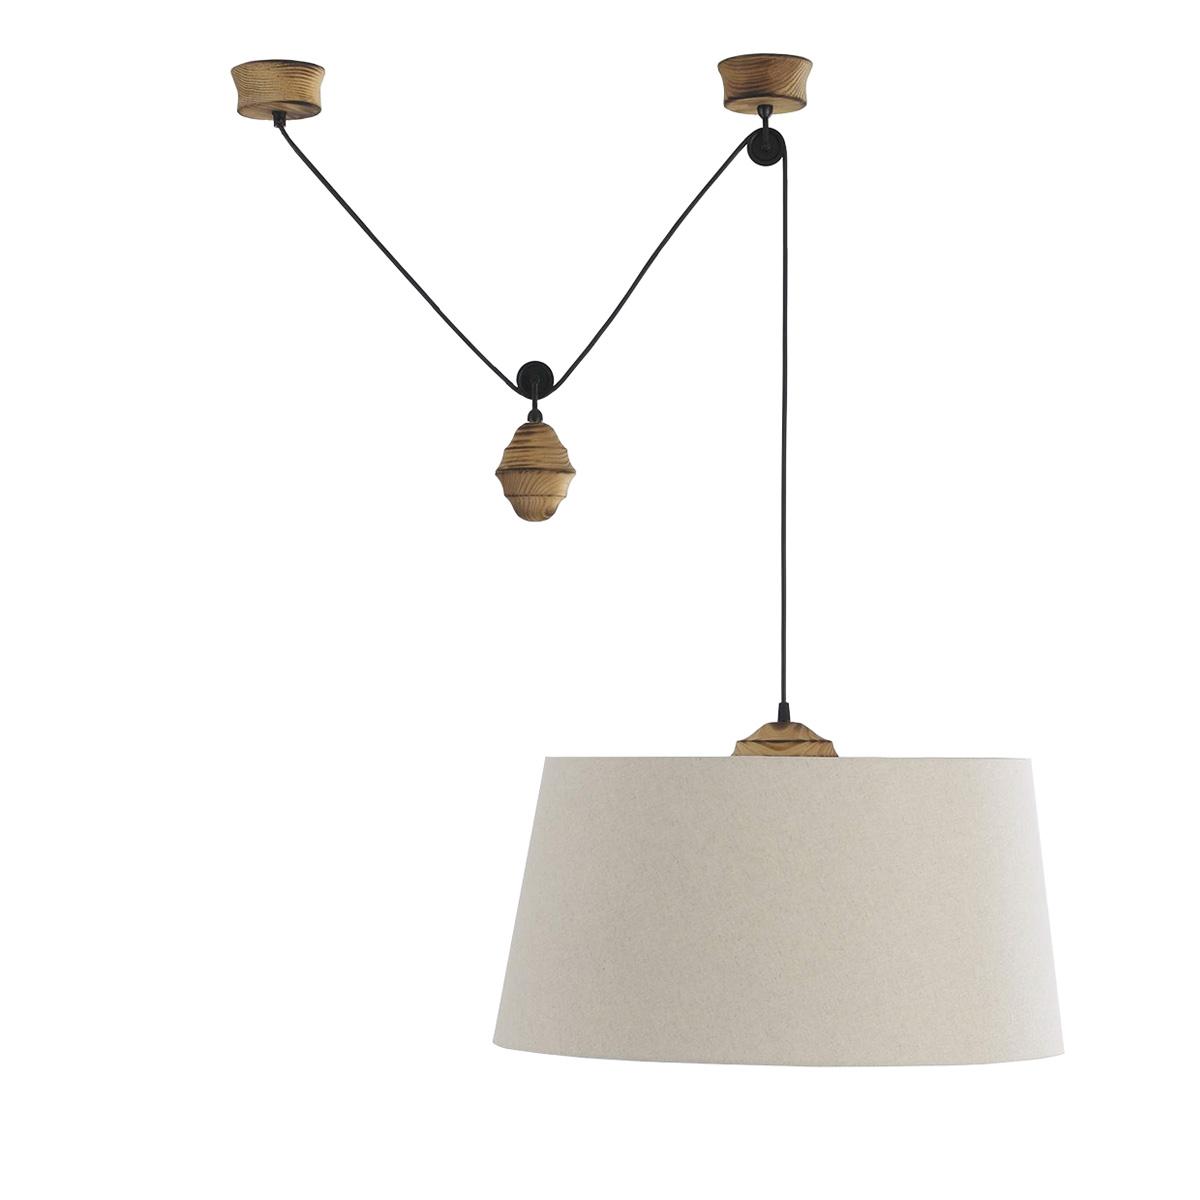 Φωτιστικό μονόφωτο με βαρίδι BAMBOO long plumb pendant light